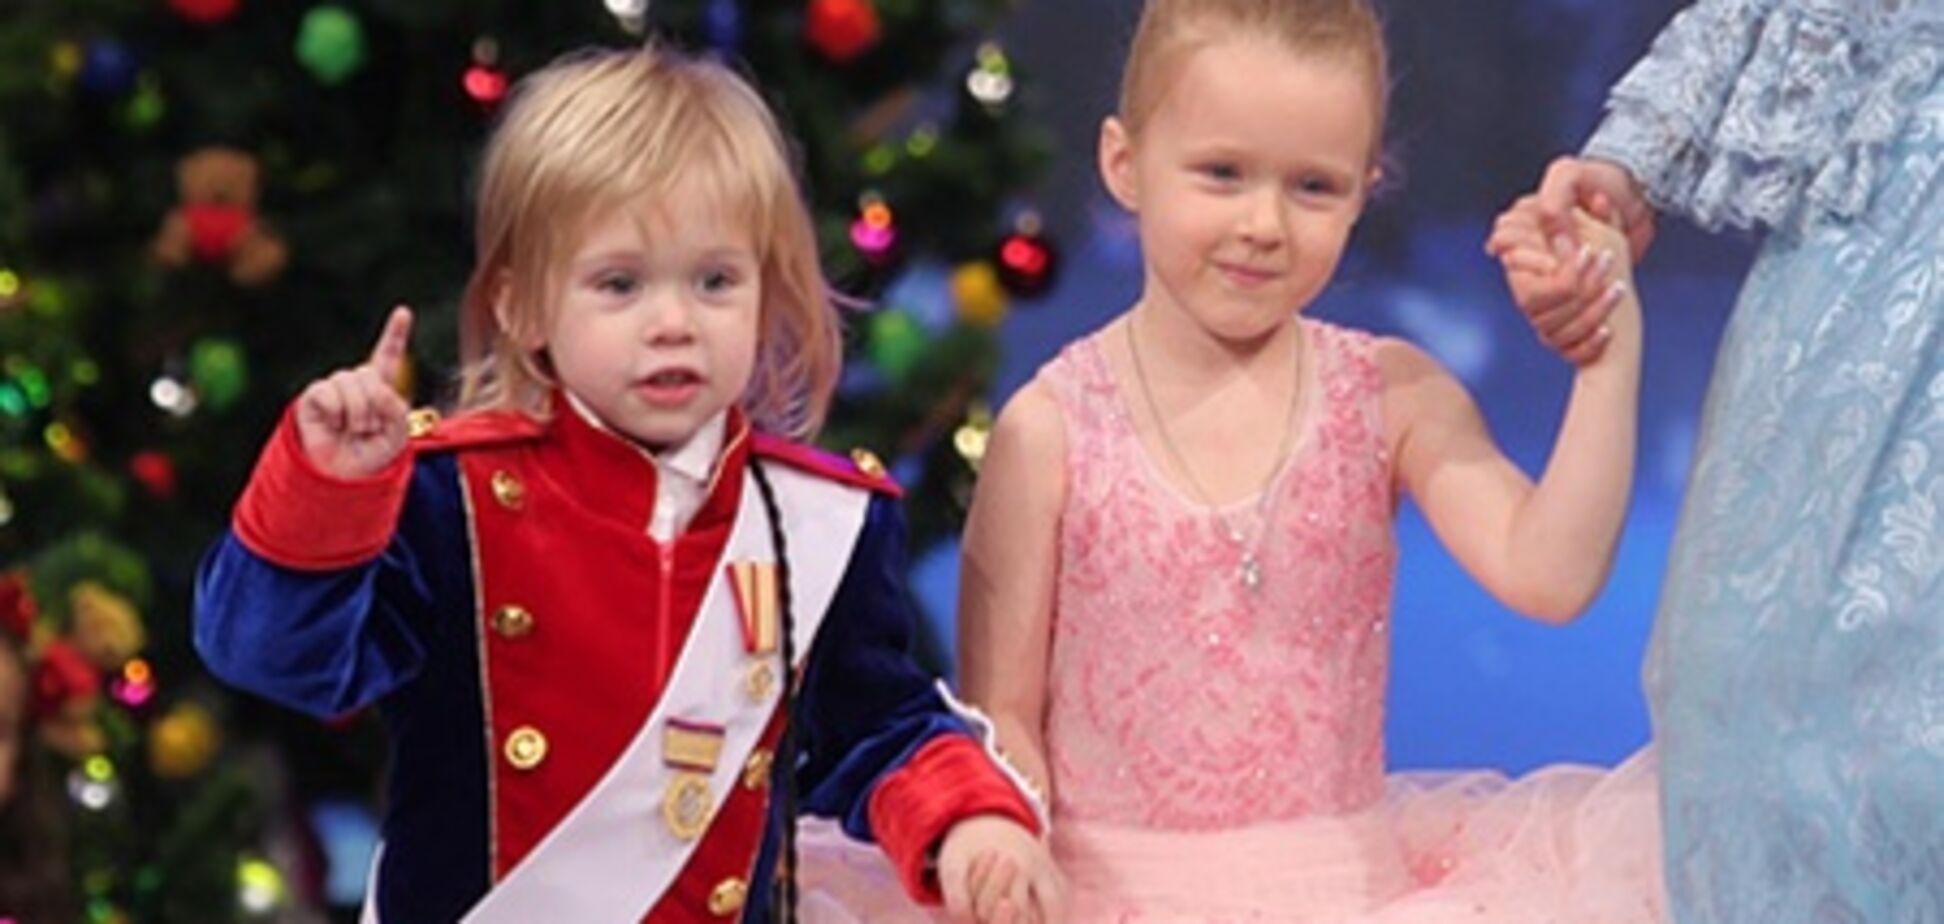 Кильчицкая и Багатырева привели маленьких принцесс (ФОТО)